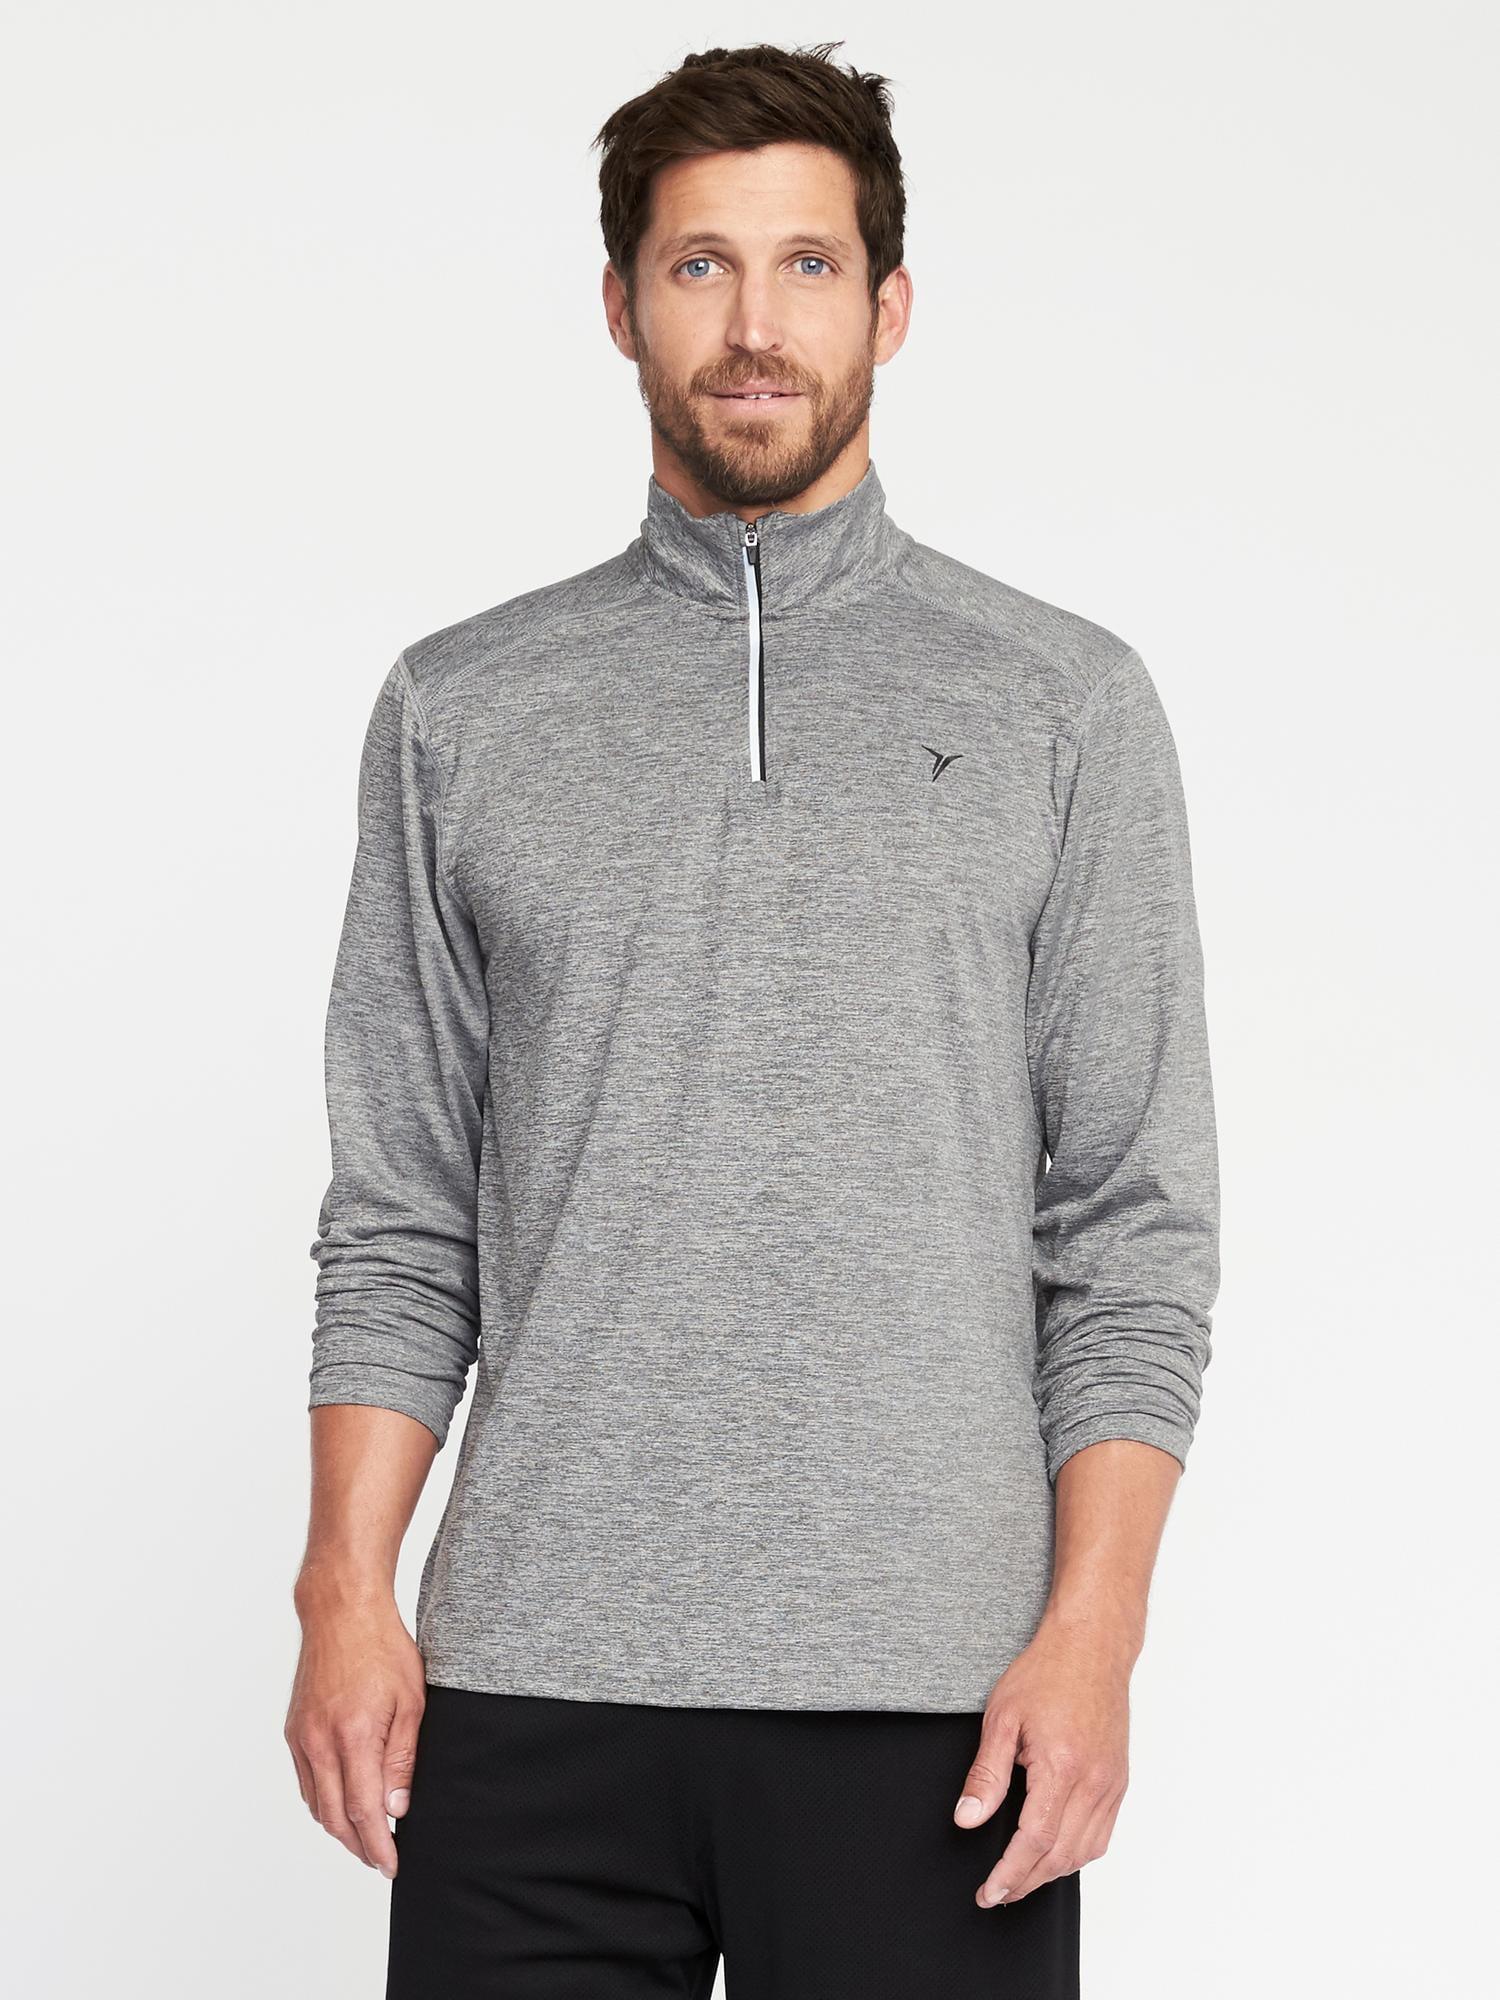 Go Dry 14 Zip Built In Flex Pullover For Men Old Navy